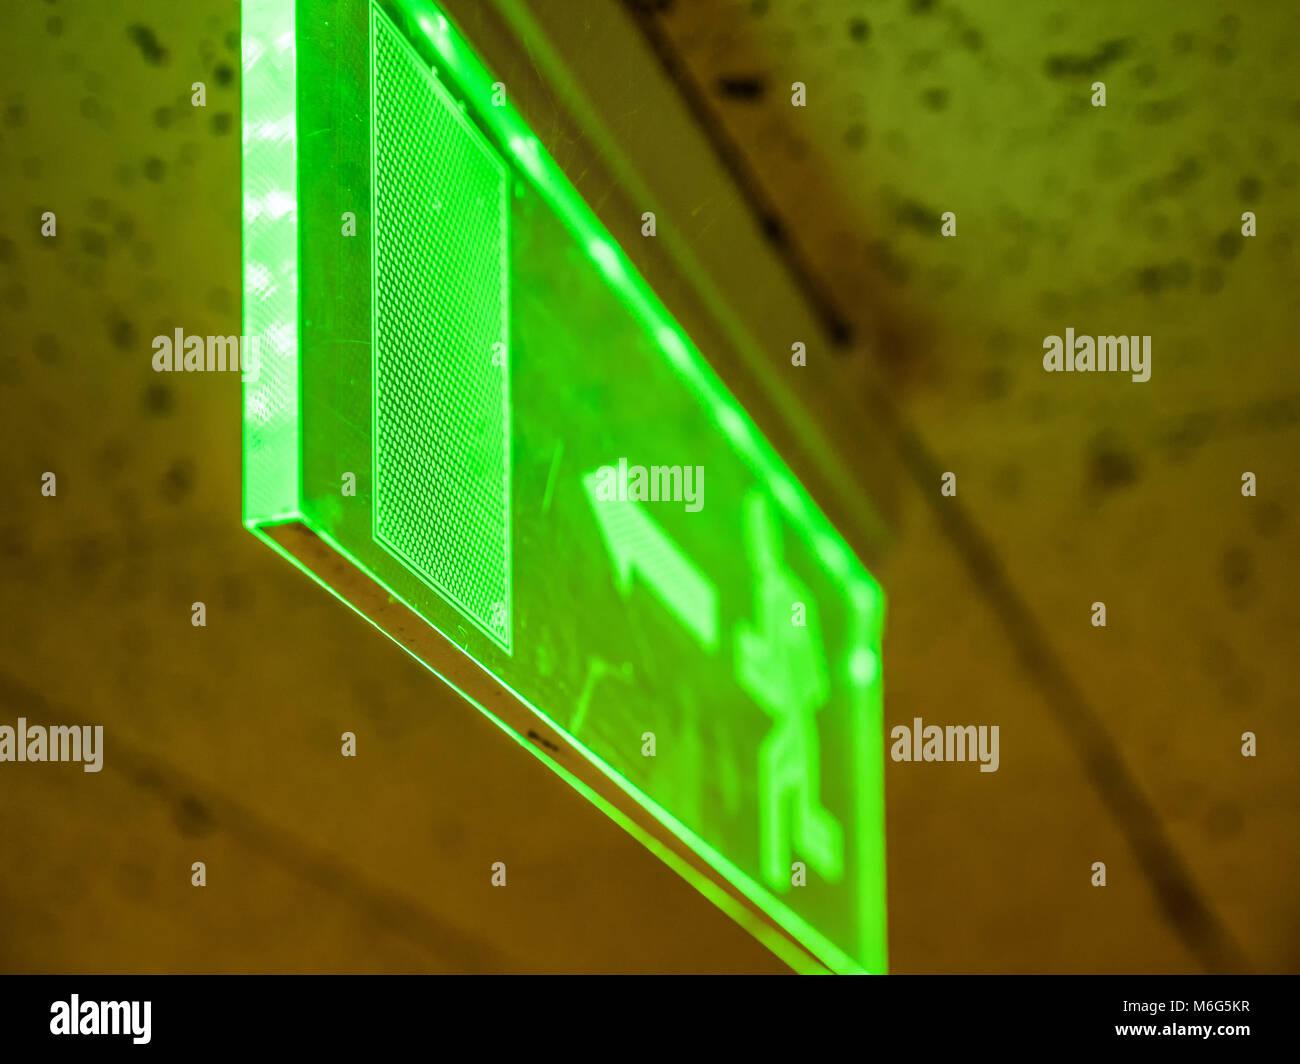 Vista interior verde señal de salida de incendios de emergencia en el techo. Imagen De Stock